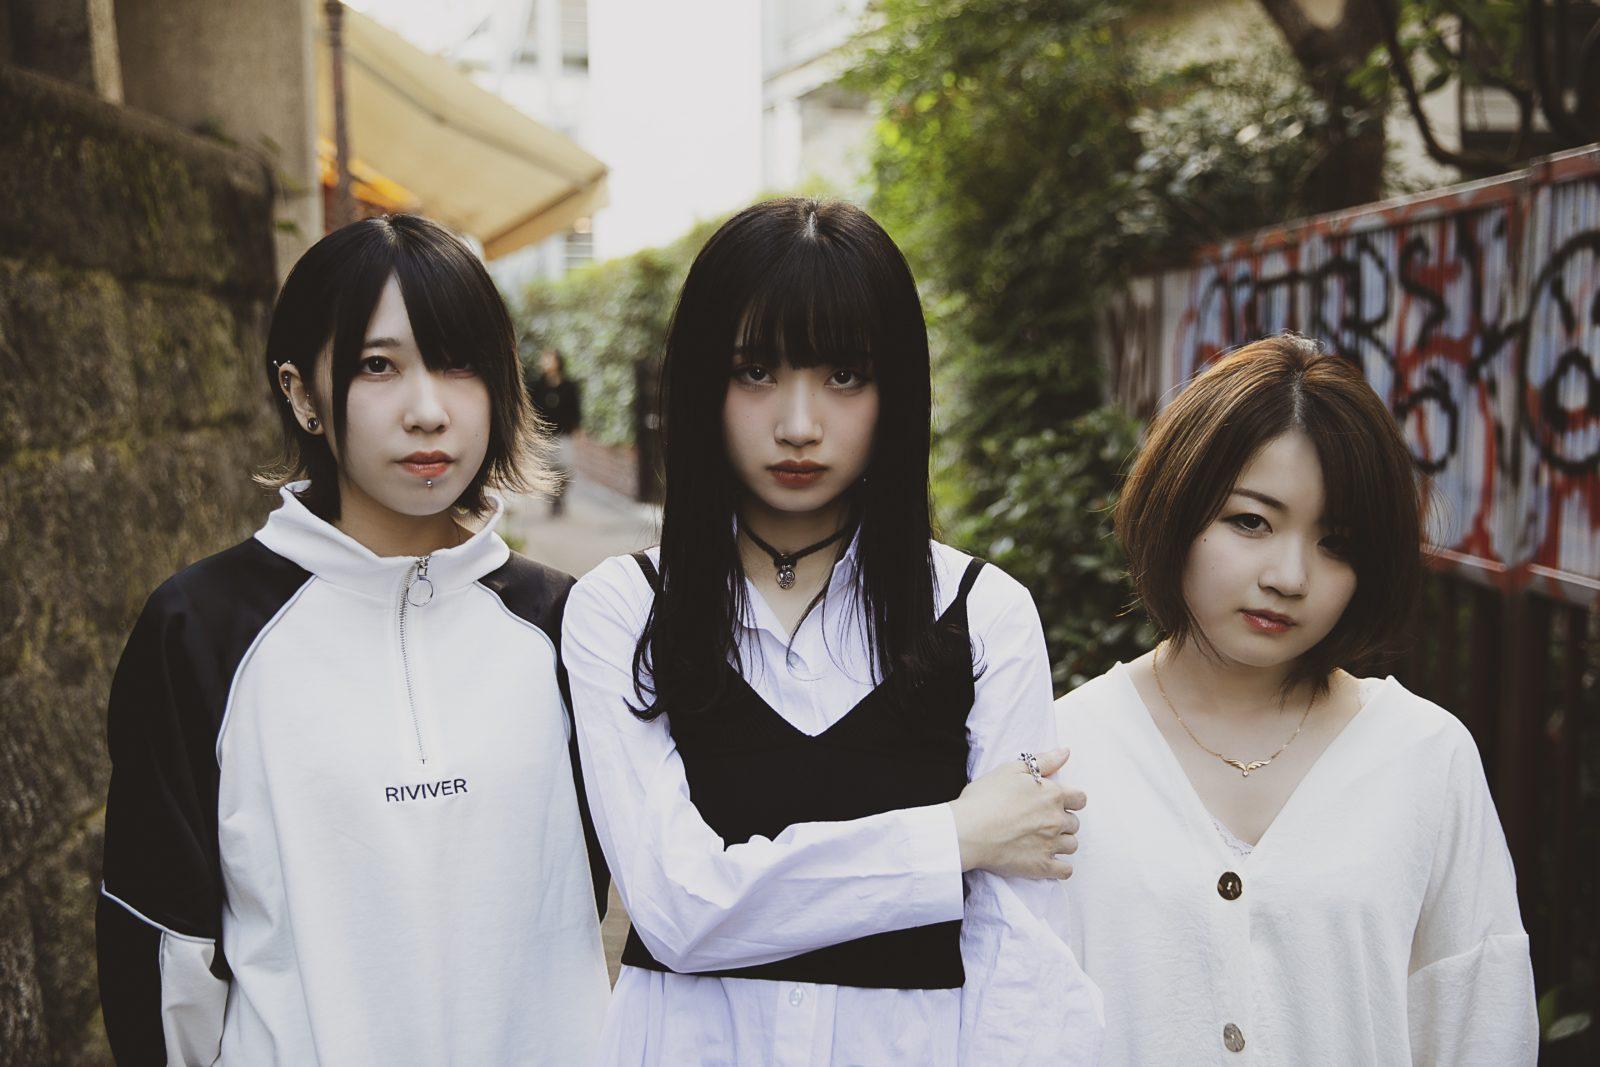 BRATS、渋谷CRAWLの公演の模様をソフトバンクの「5G LAB」にて公開サムネイル画像